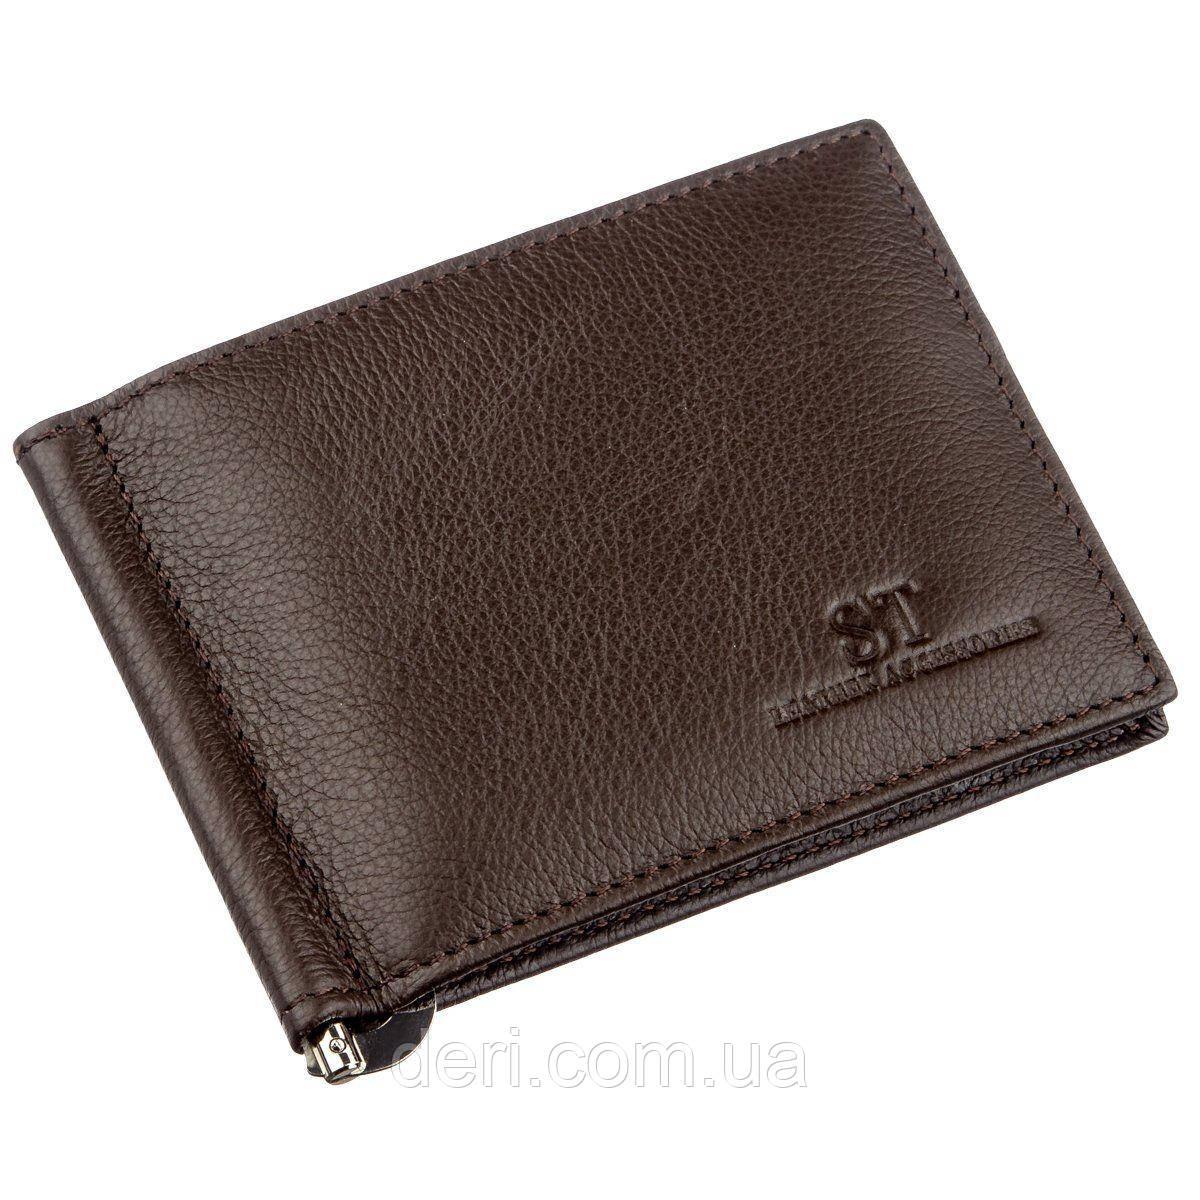 Стильный мужской зажим ST Leather Коричневый, Коричневый